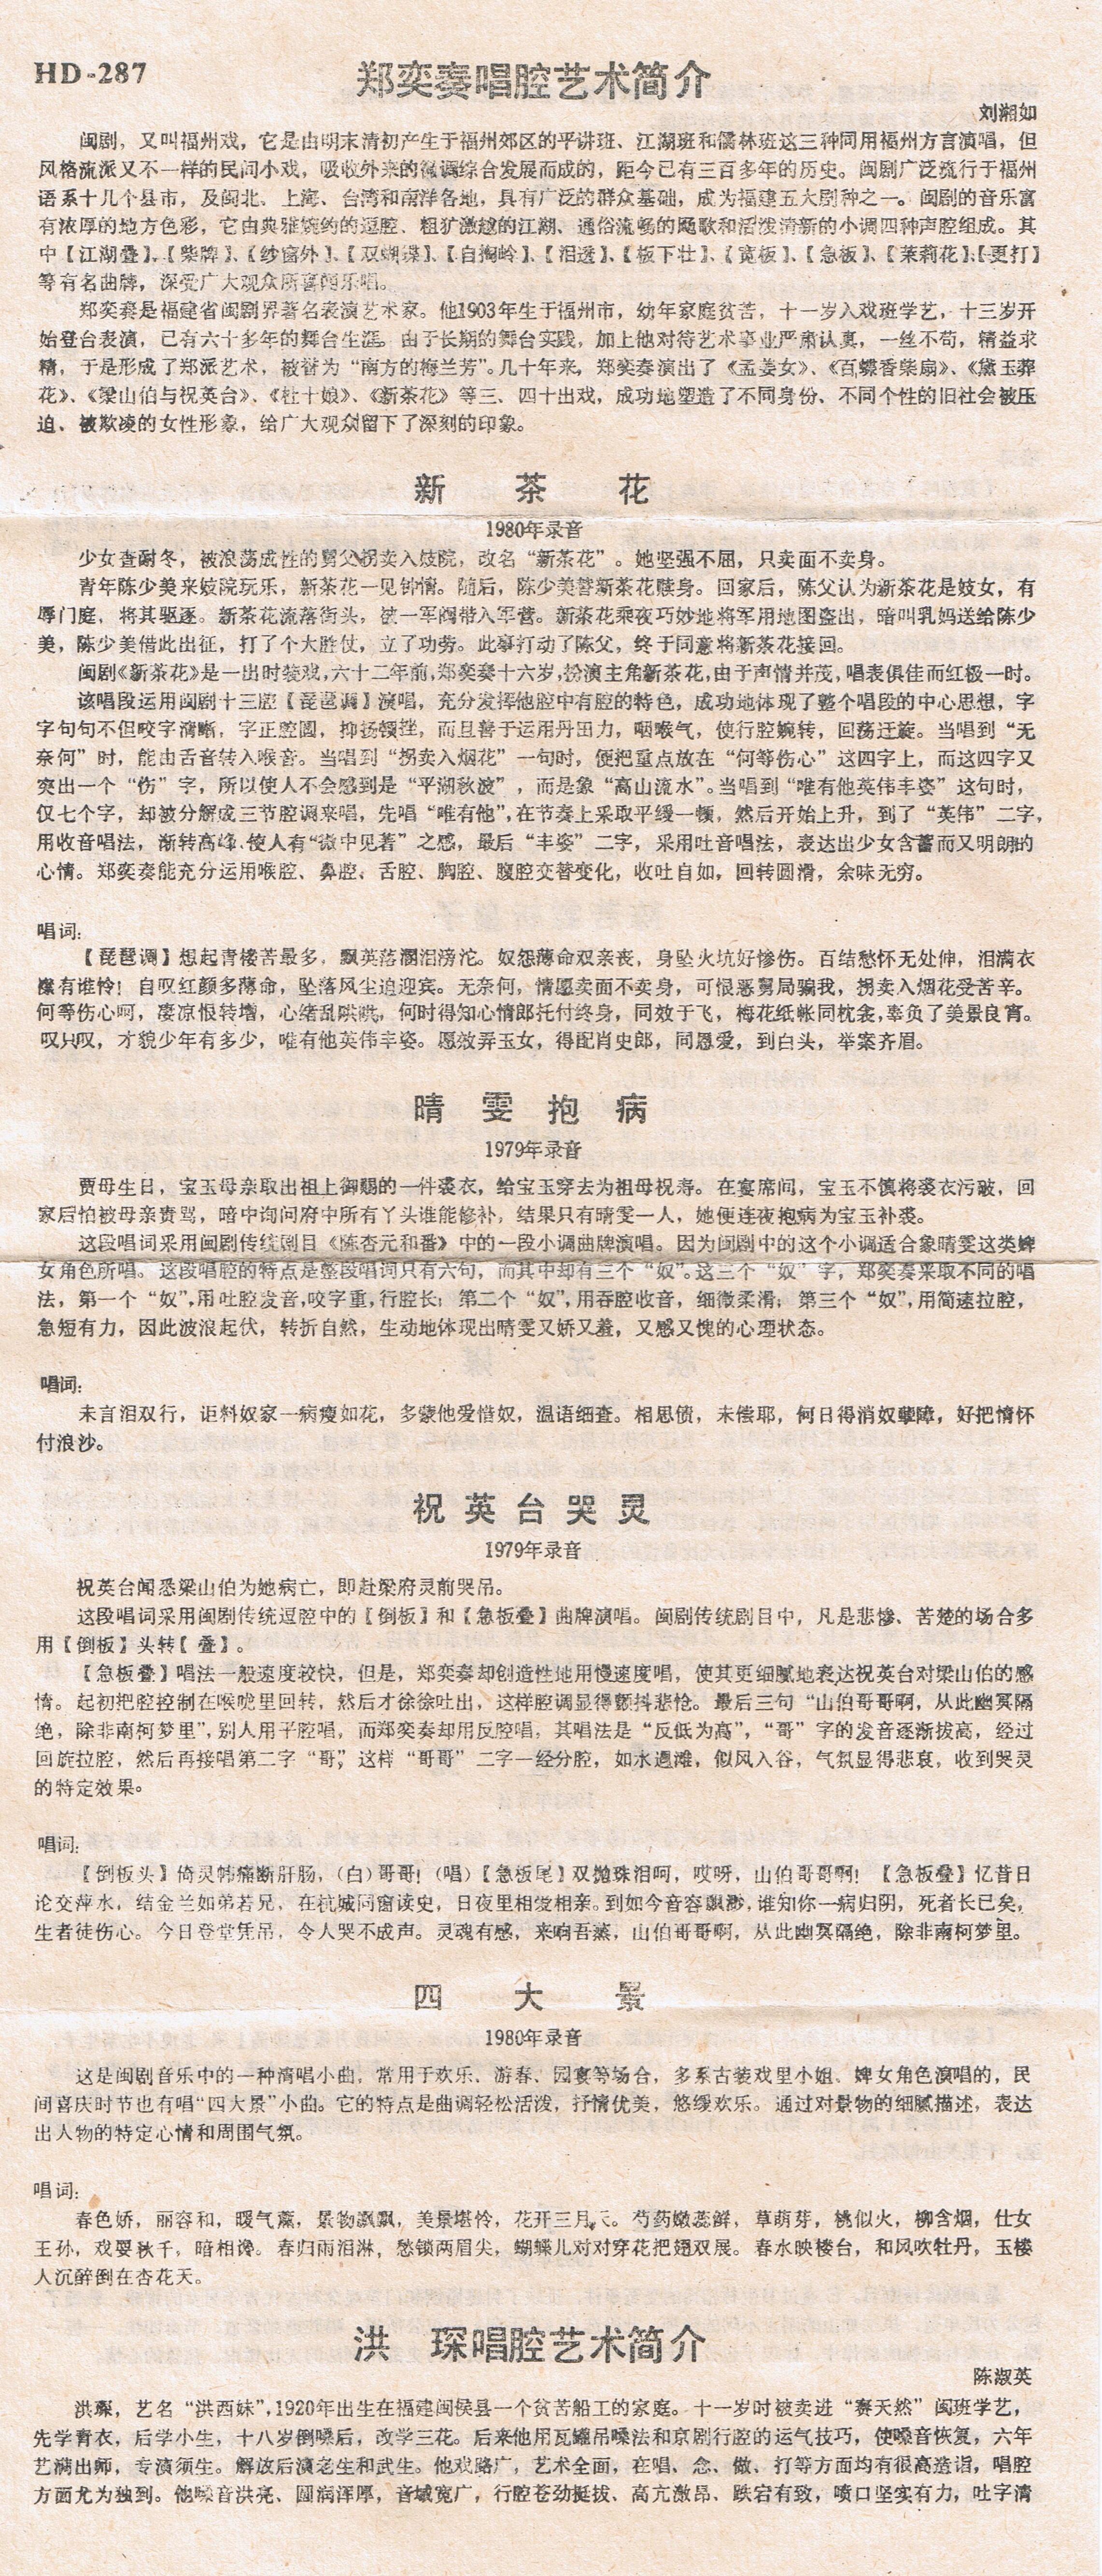 宽三眼传统闽剧曲谱